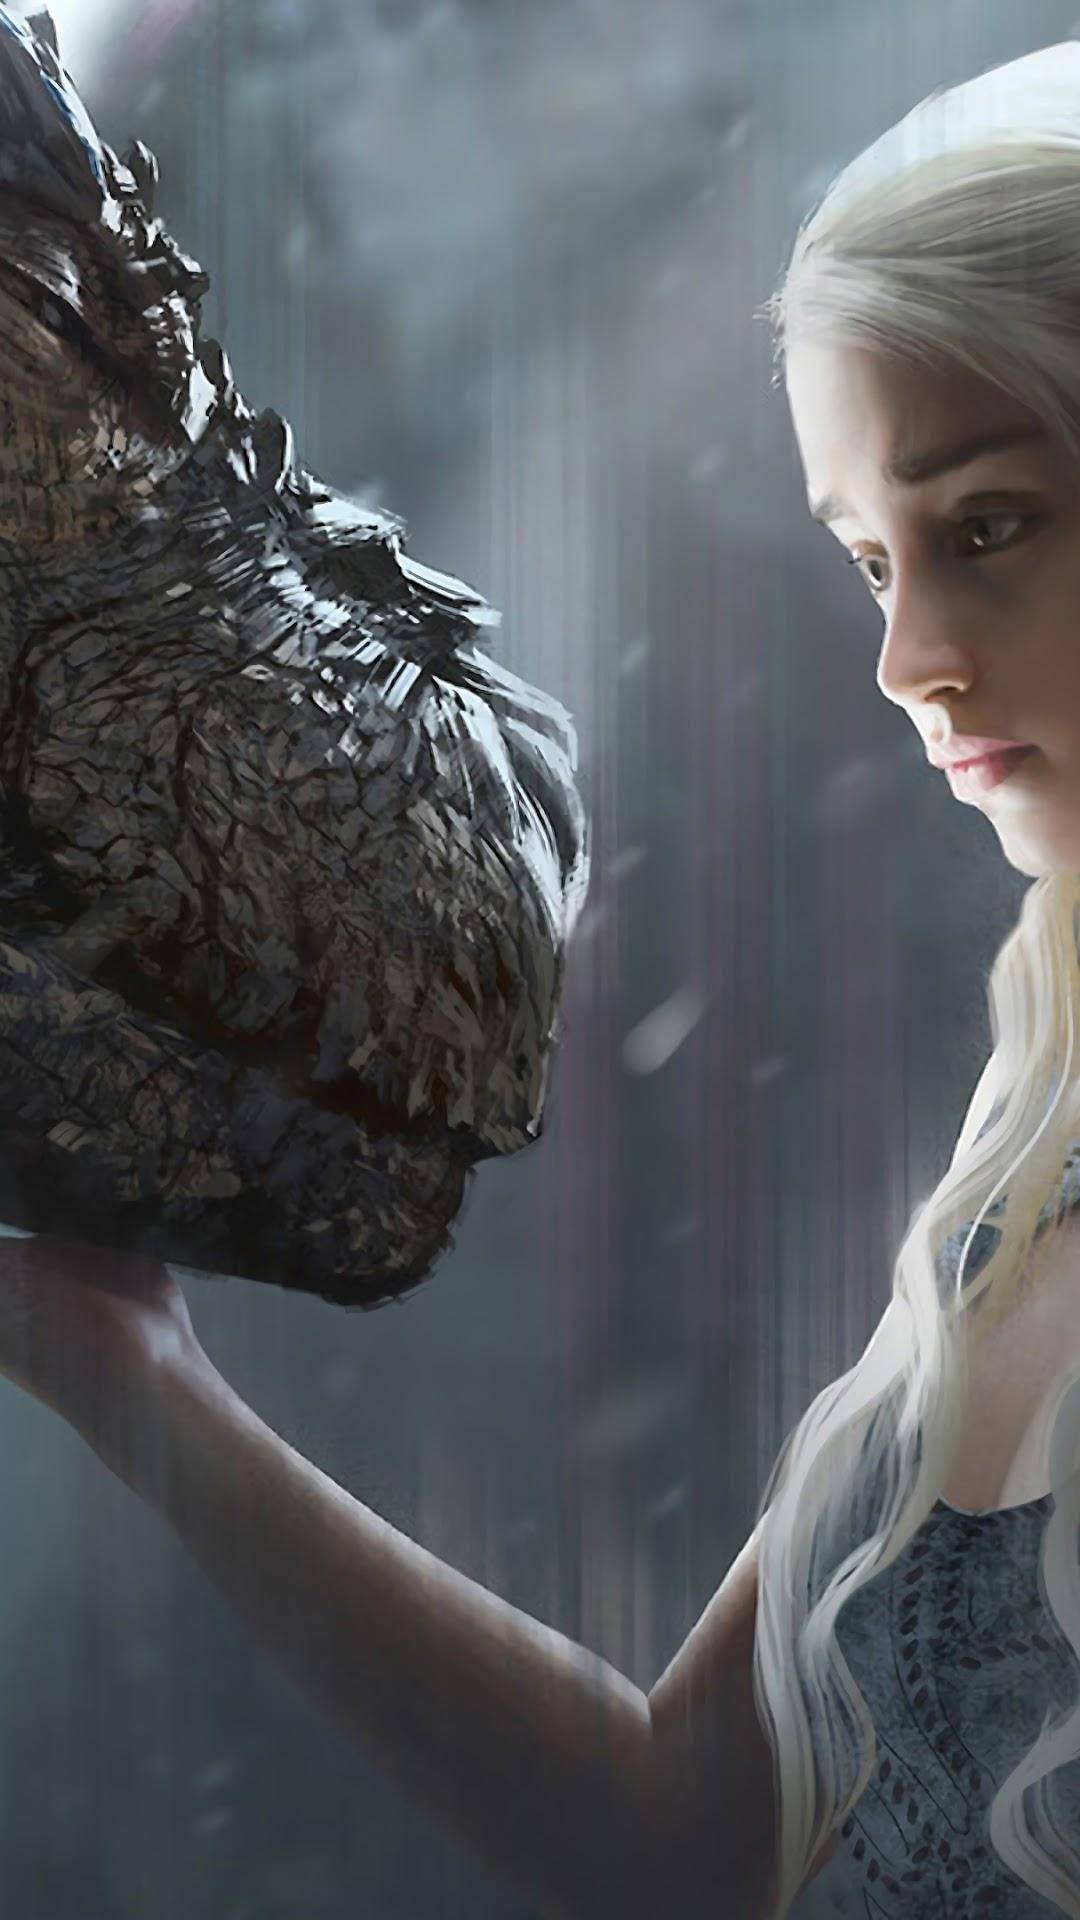 Daenerys Targaryen Dragon Game Of Thrones 4k Wallpaper 47